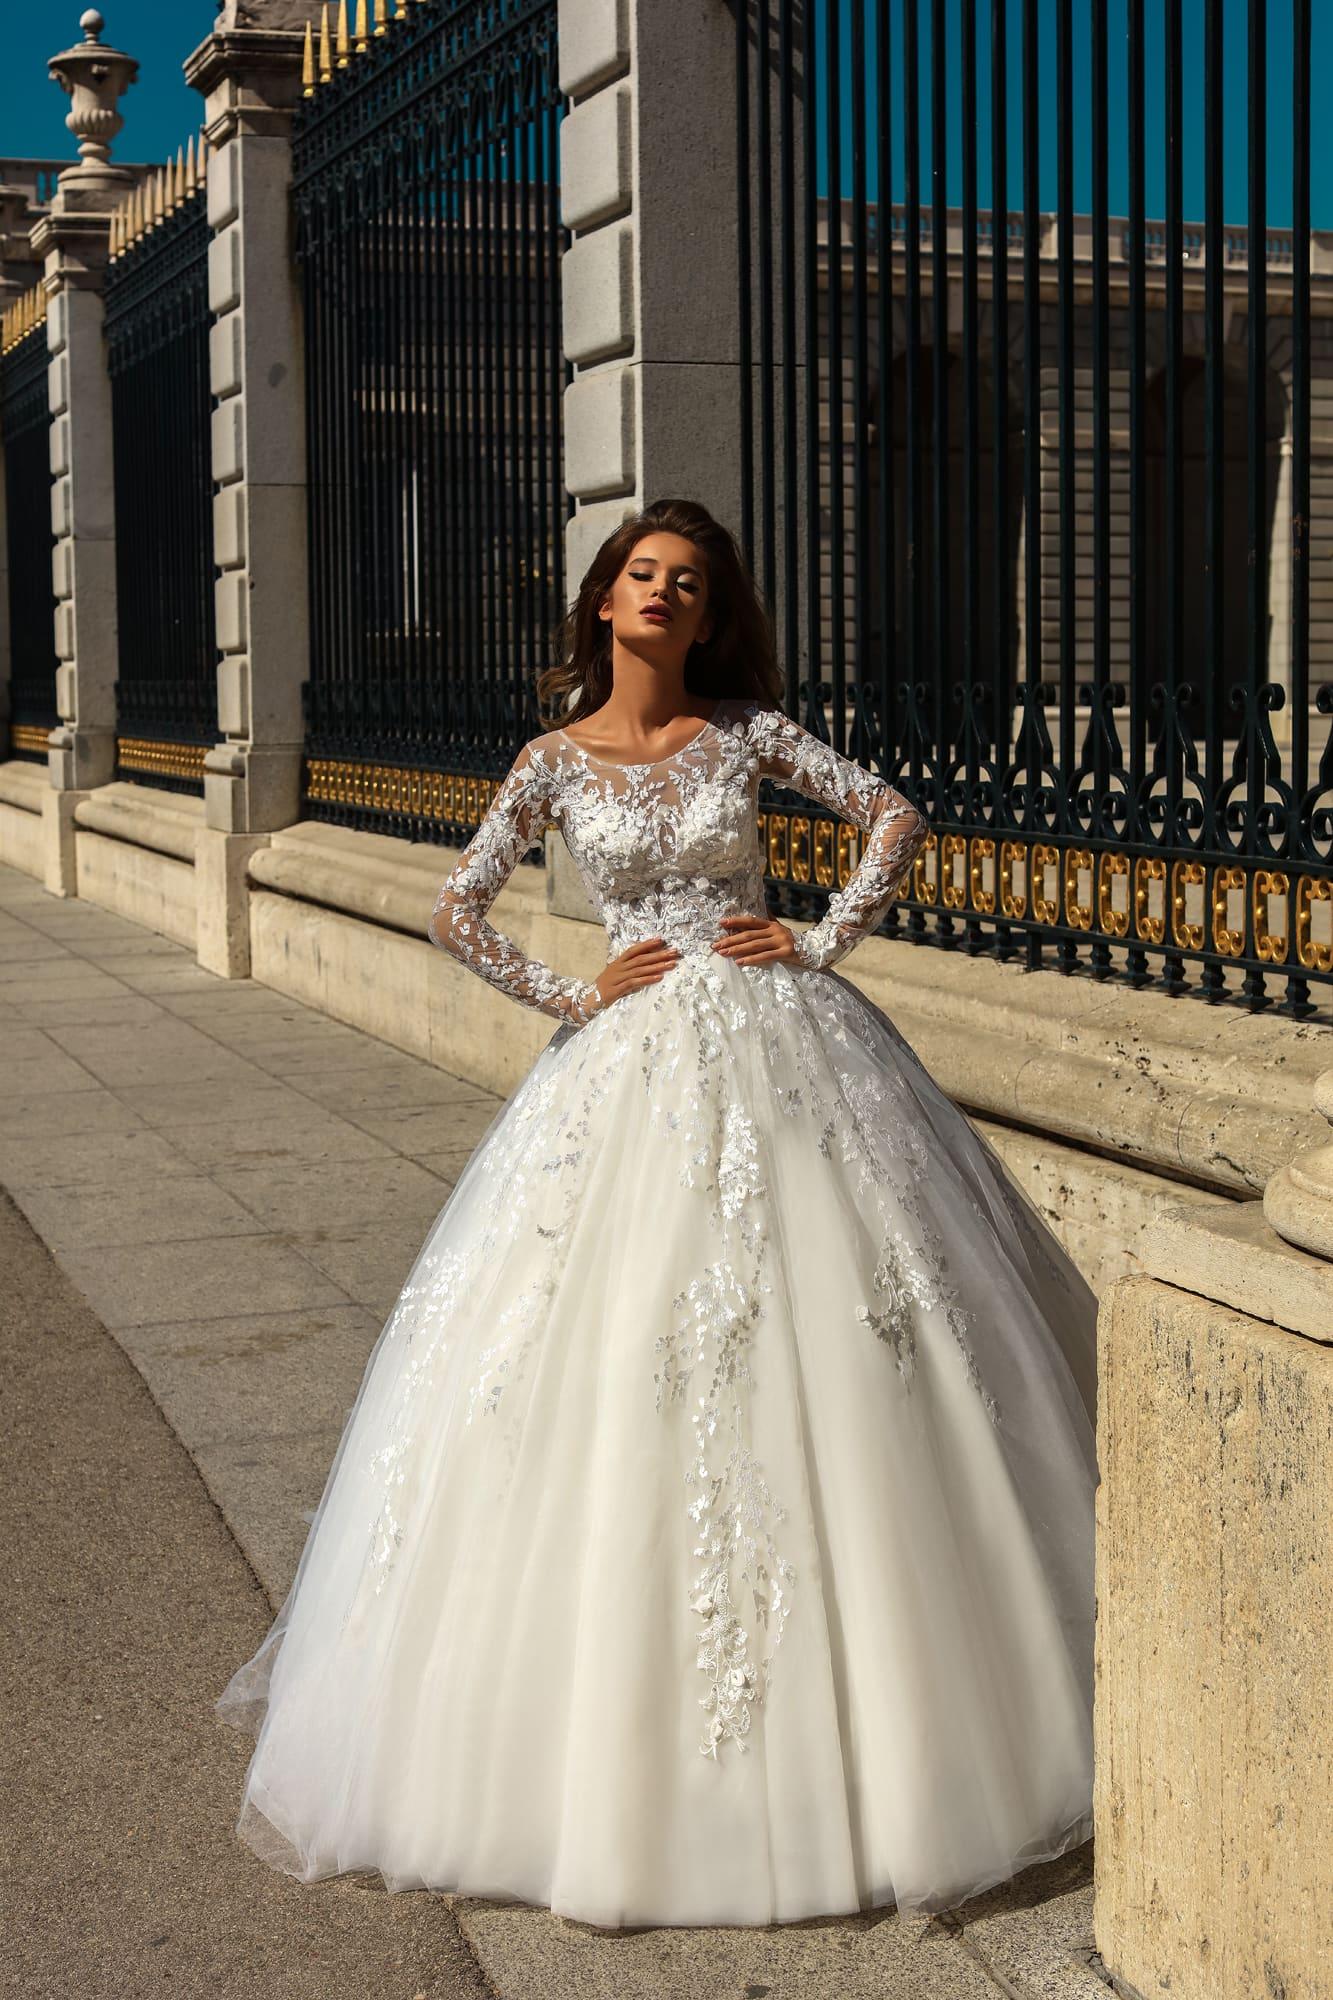 201926daefb Пышное свадебное платье с длинным полупрозрачным рукавом и кружевным декором .